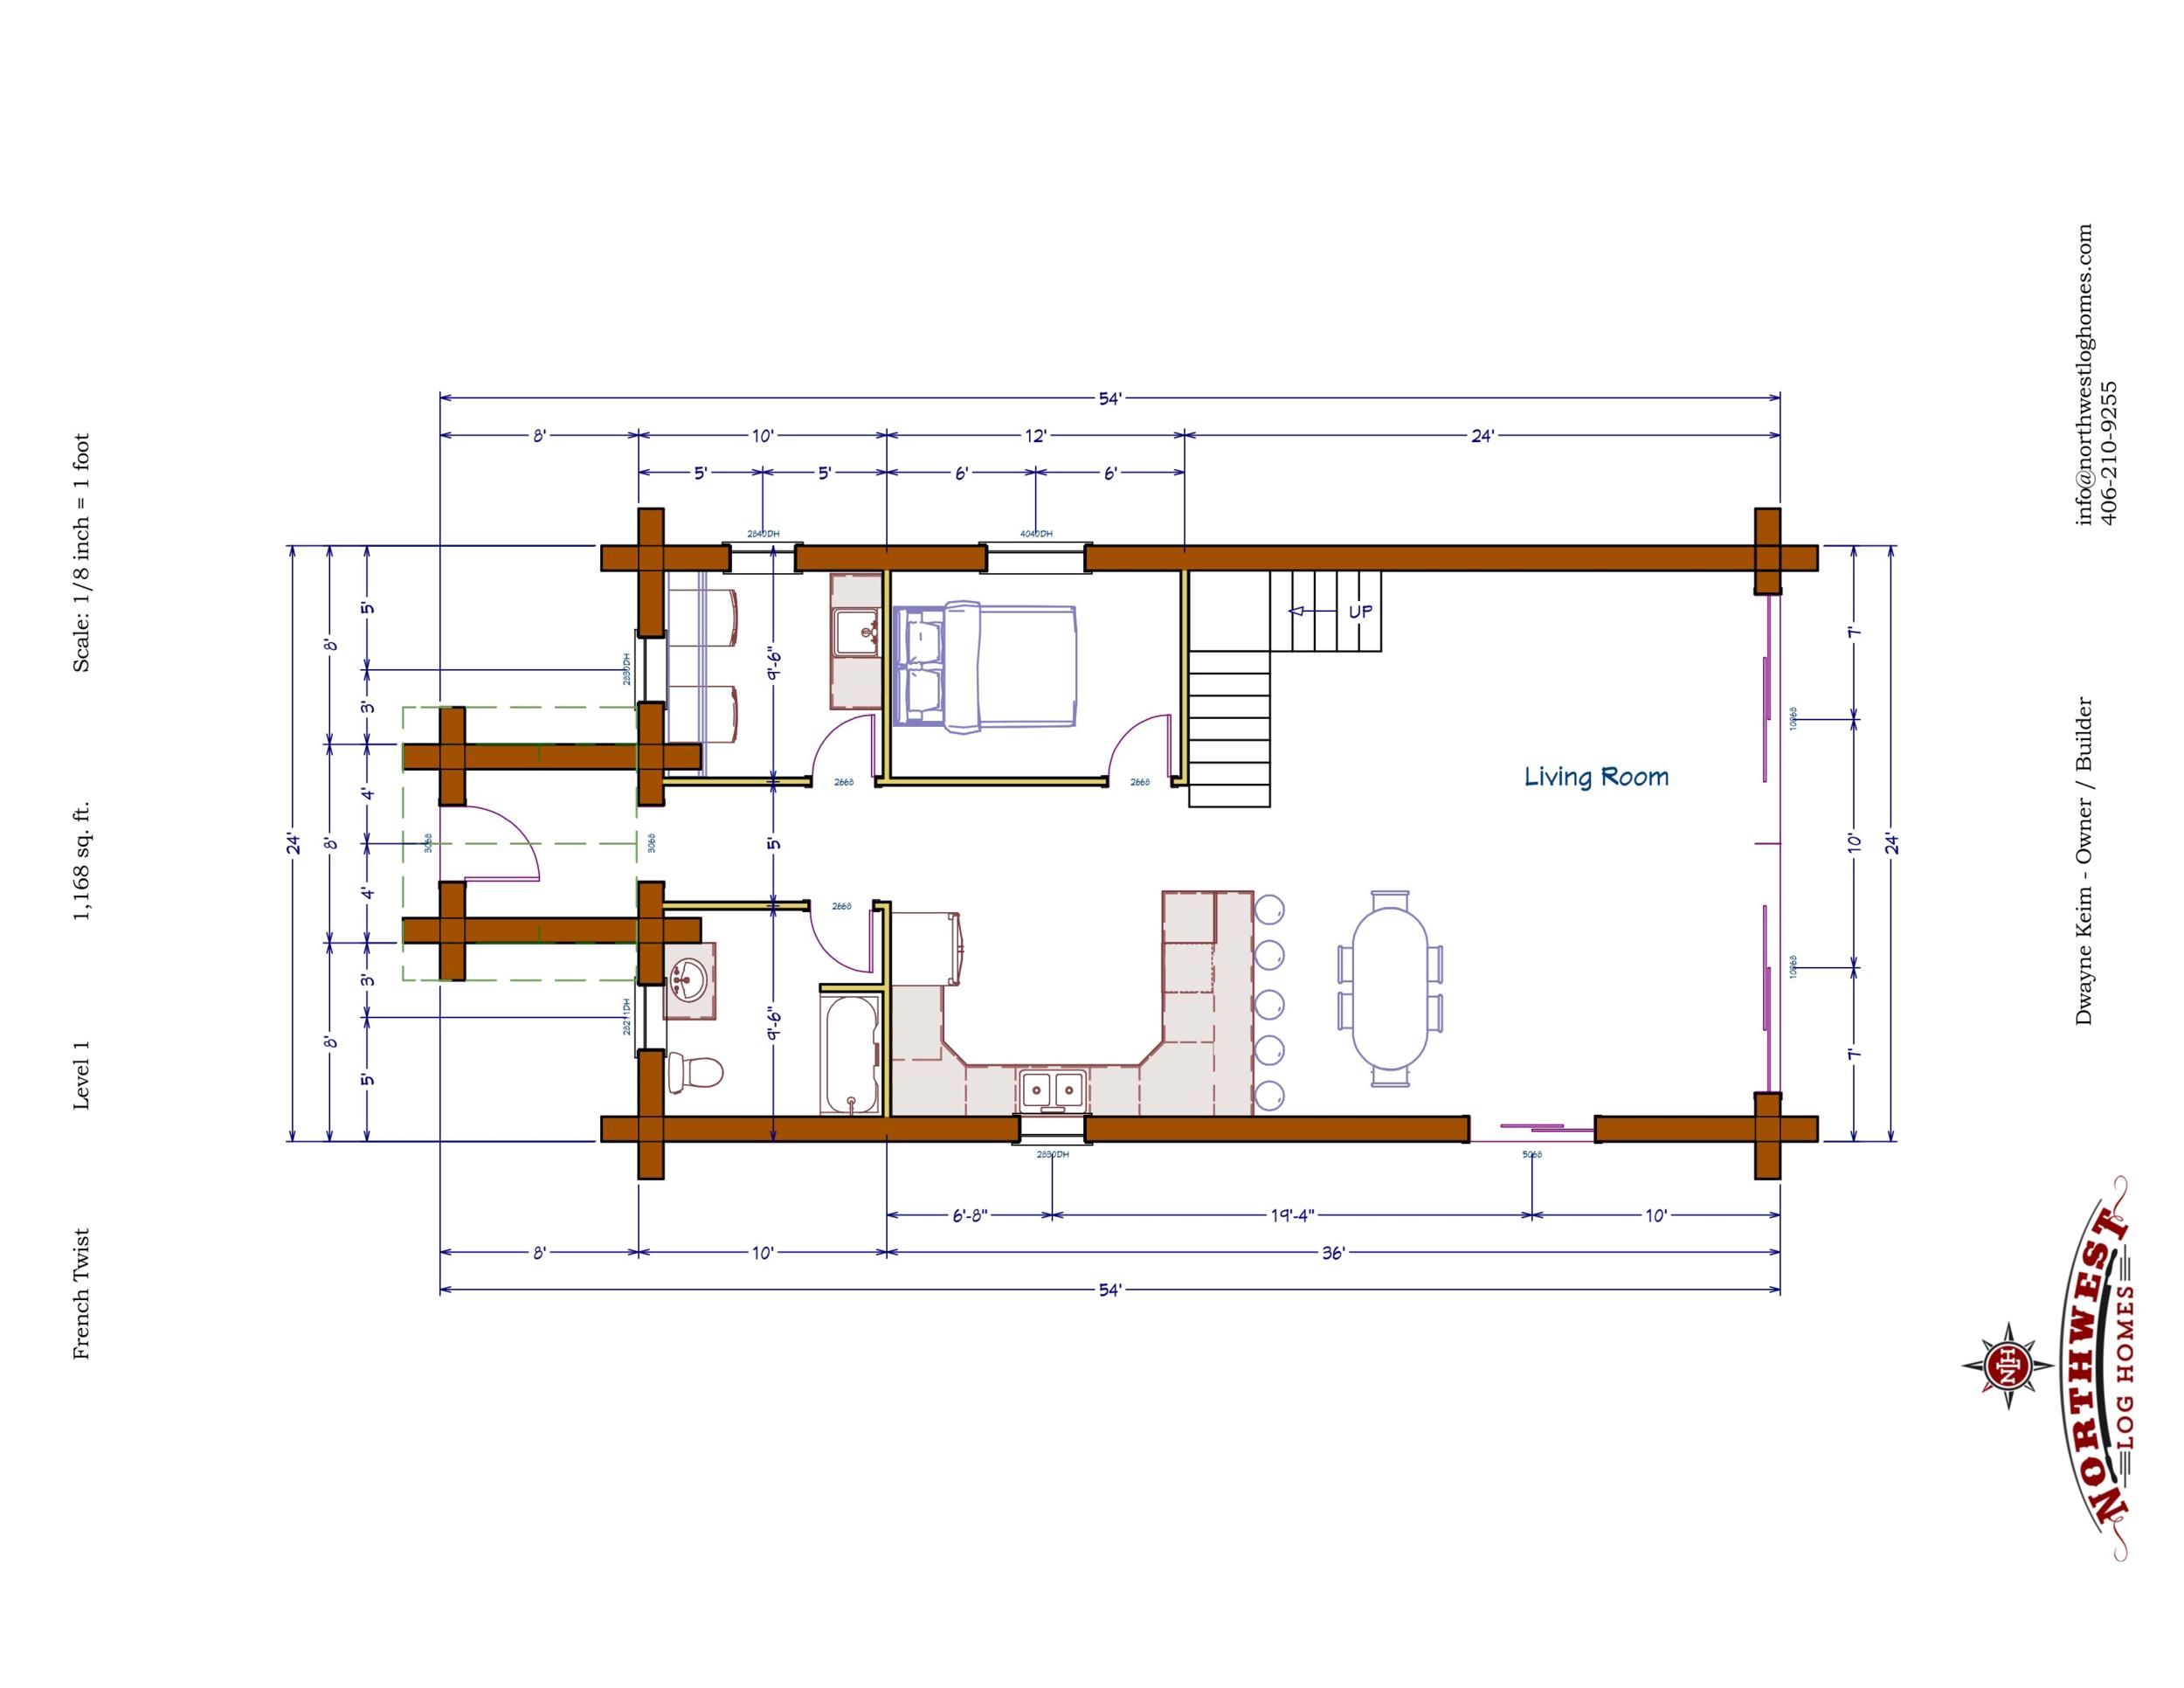 Main Floor - 1,168 sq. ft.